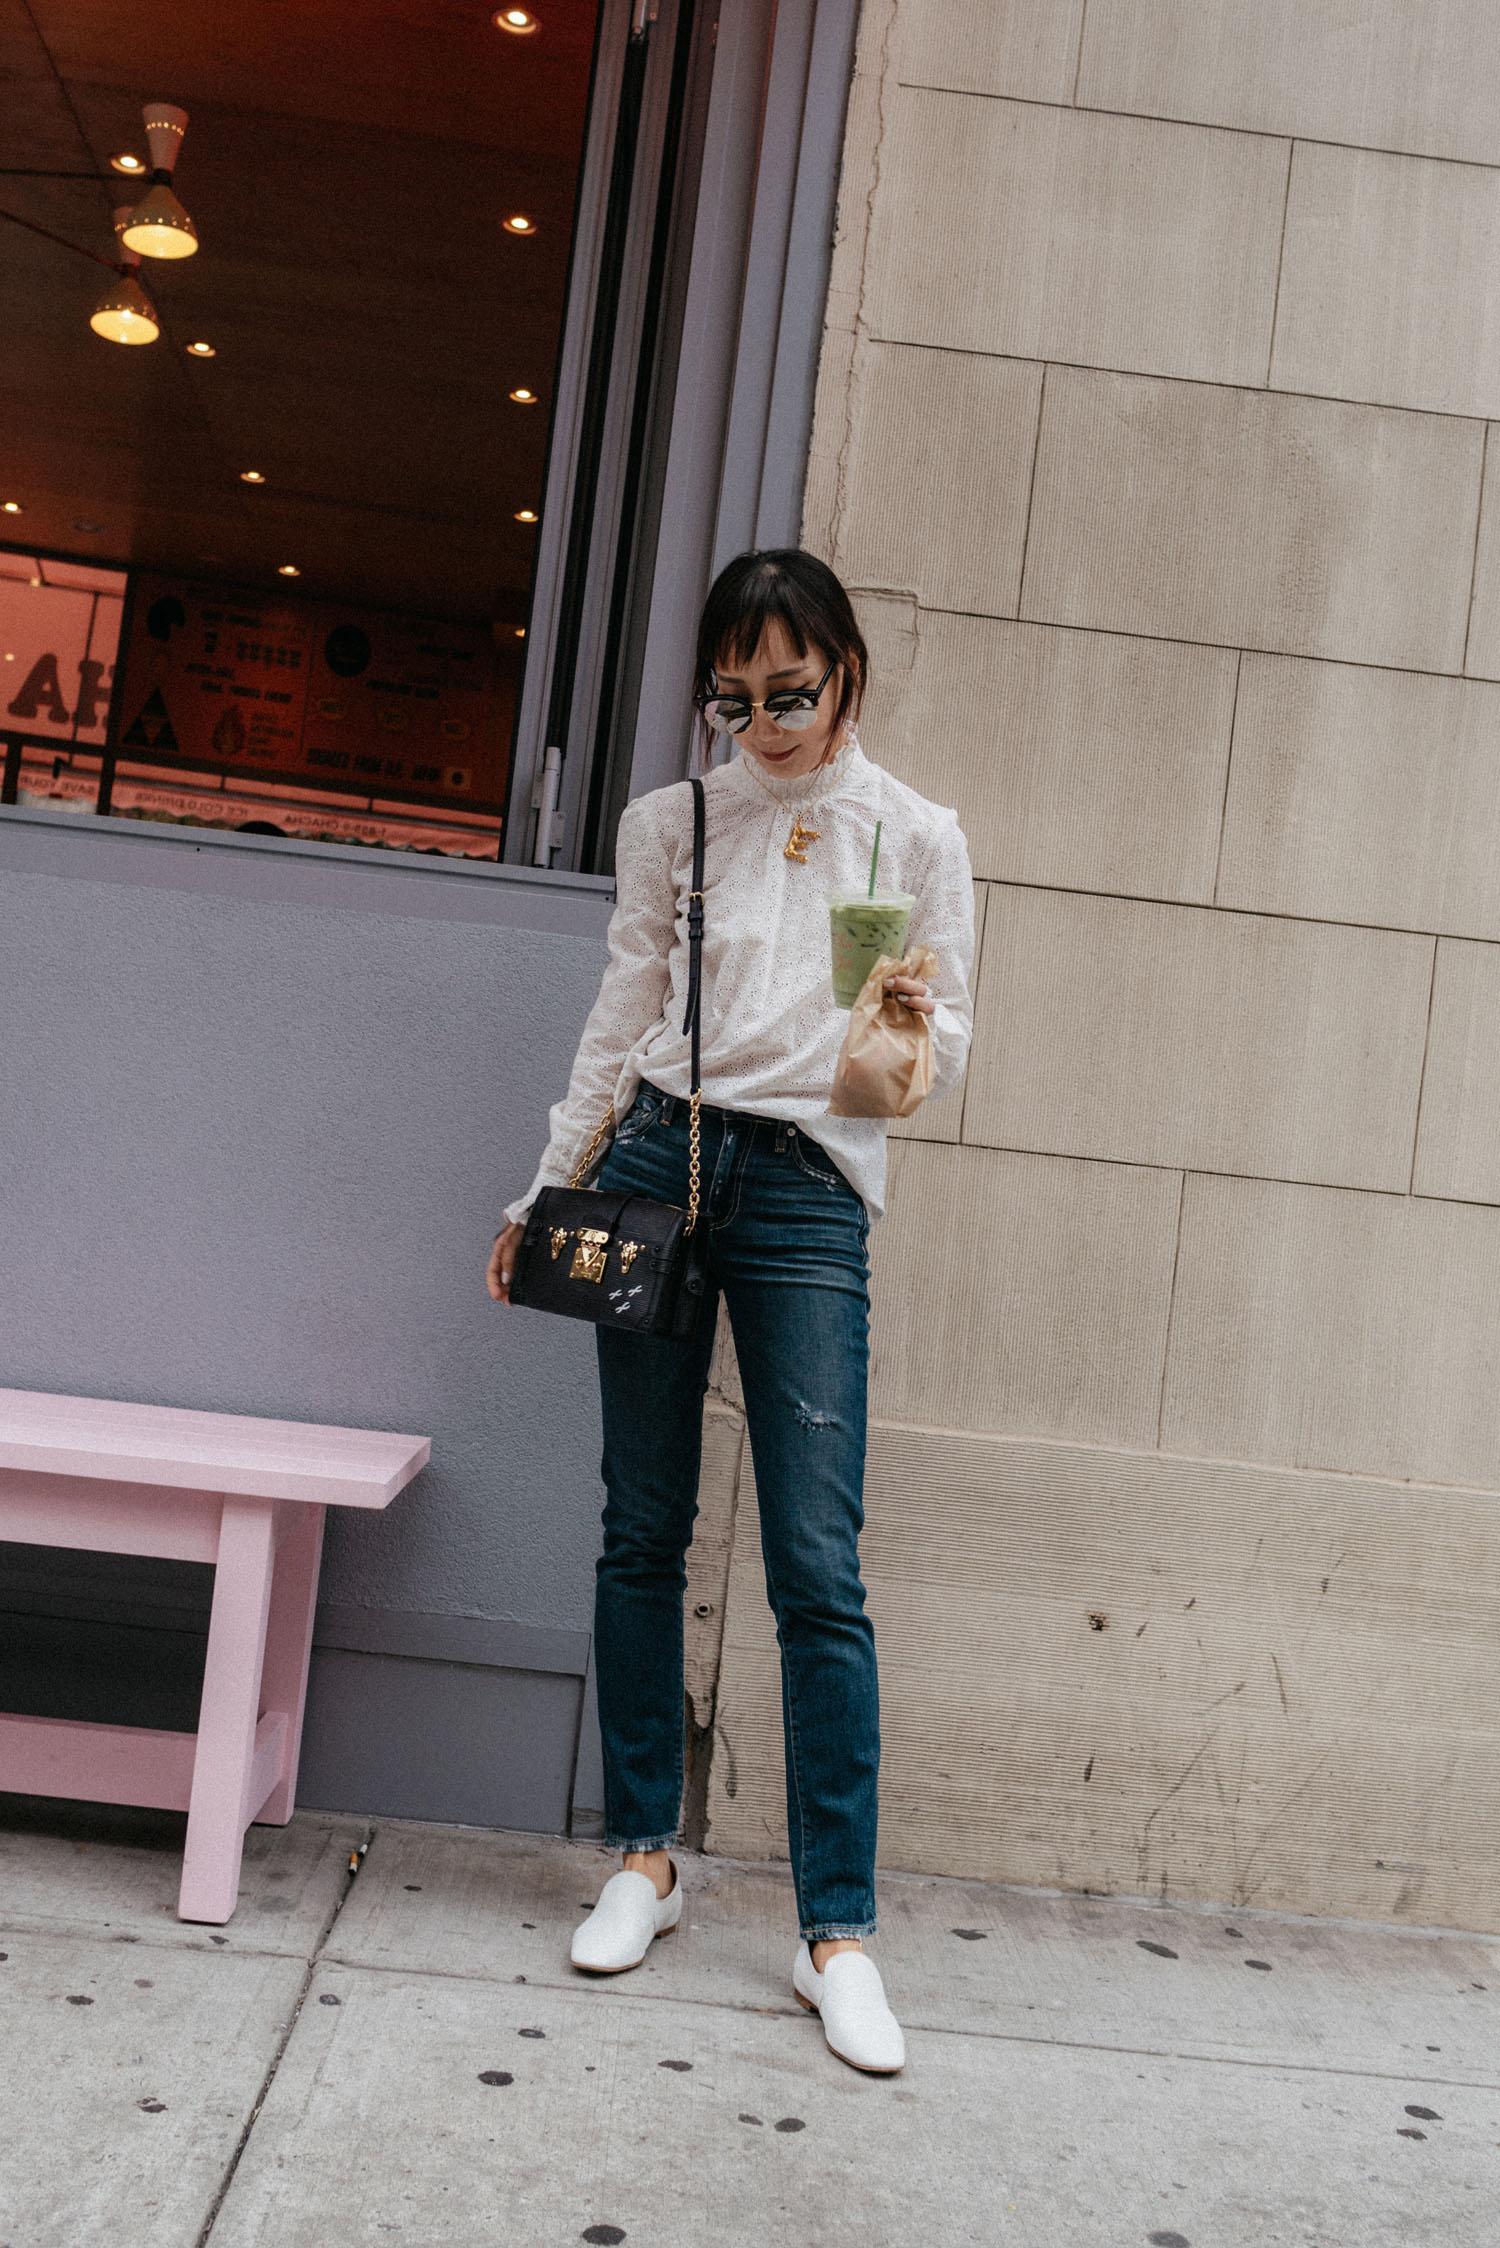 Sézane Top , Trave Denim, The Row Loafers,  Louis Vuitton Bag